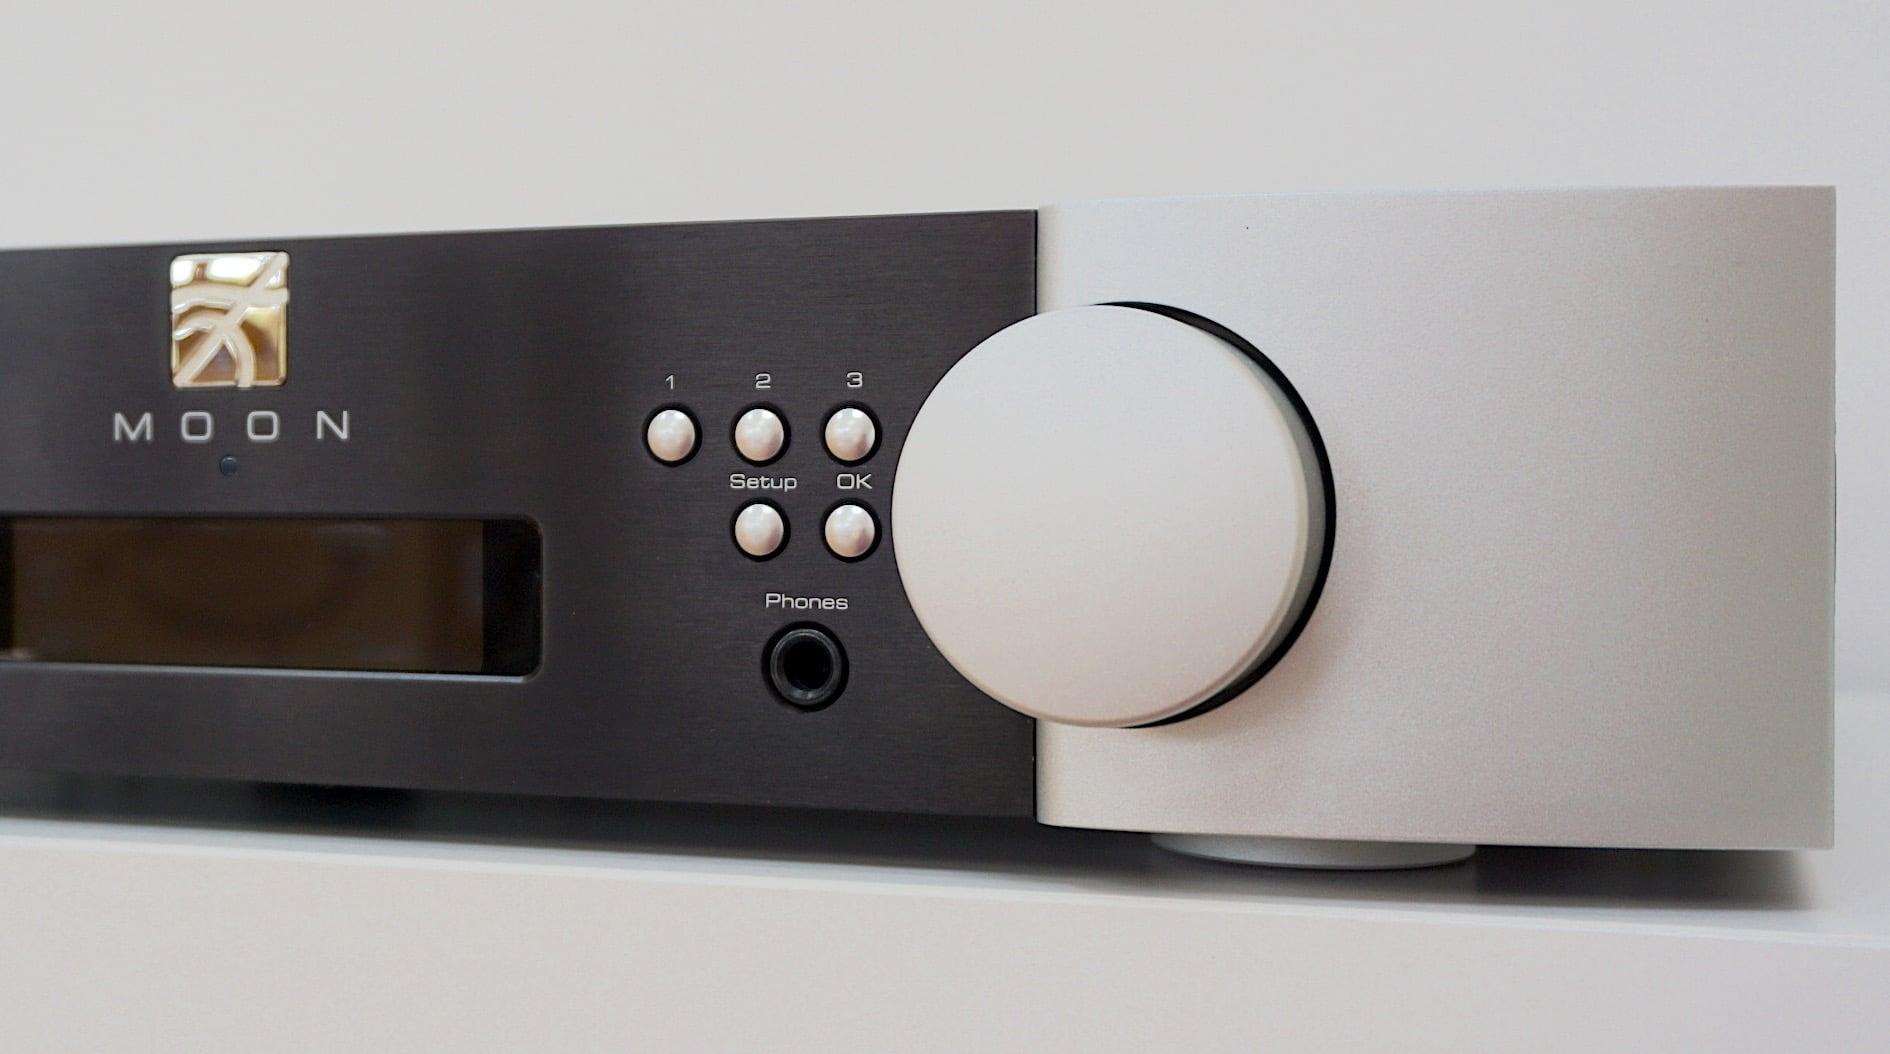 Streamer & Pre-Amplifier From Moon